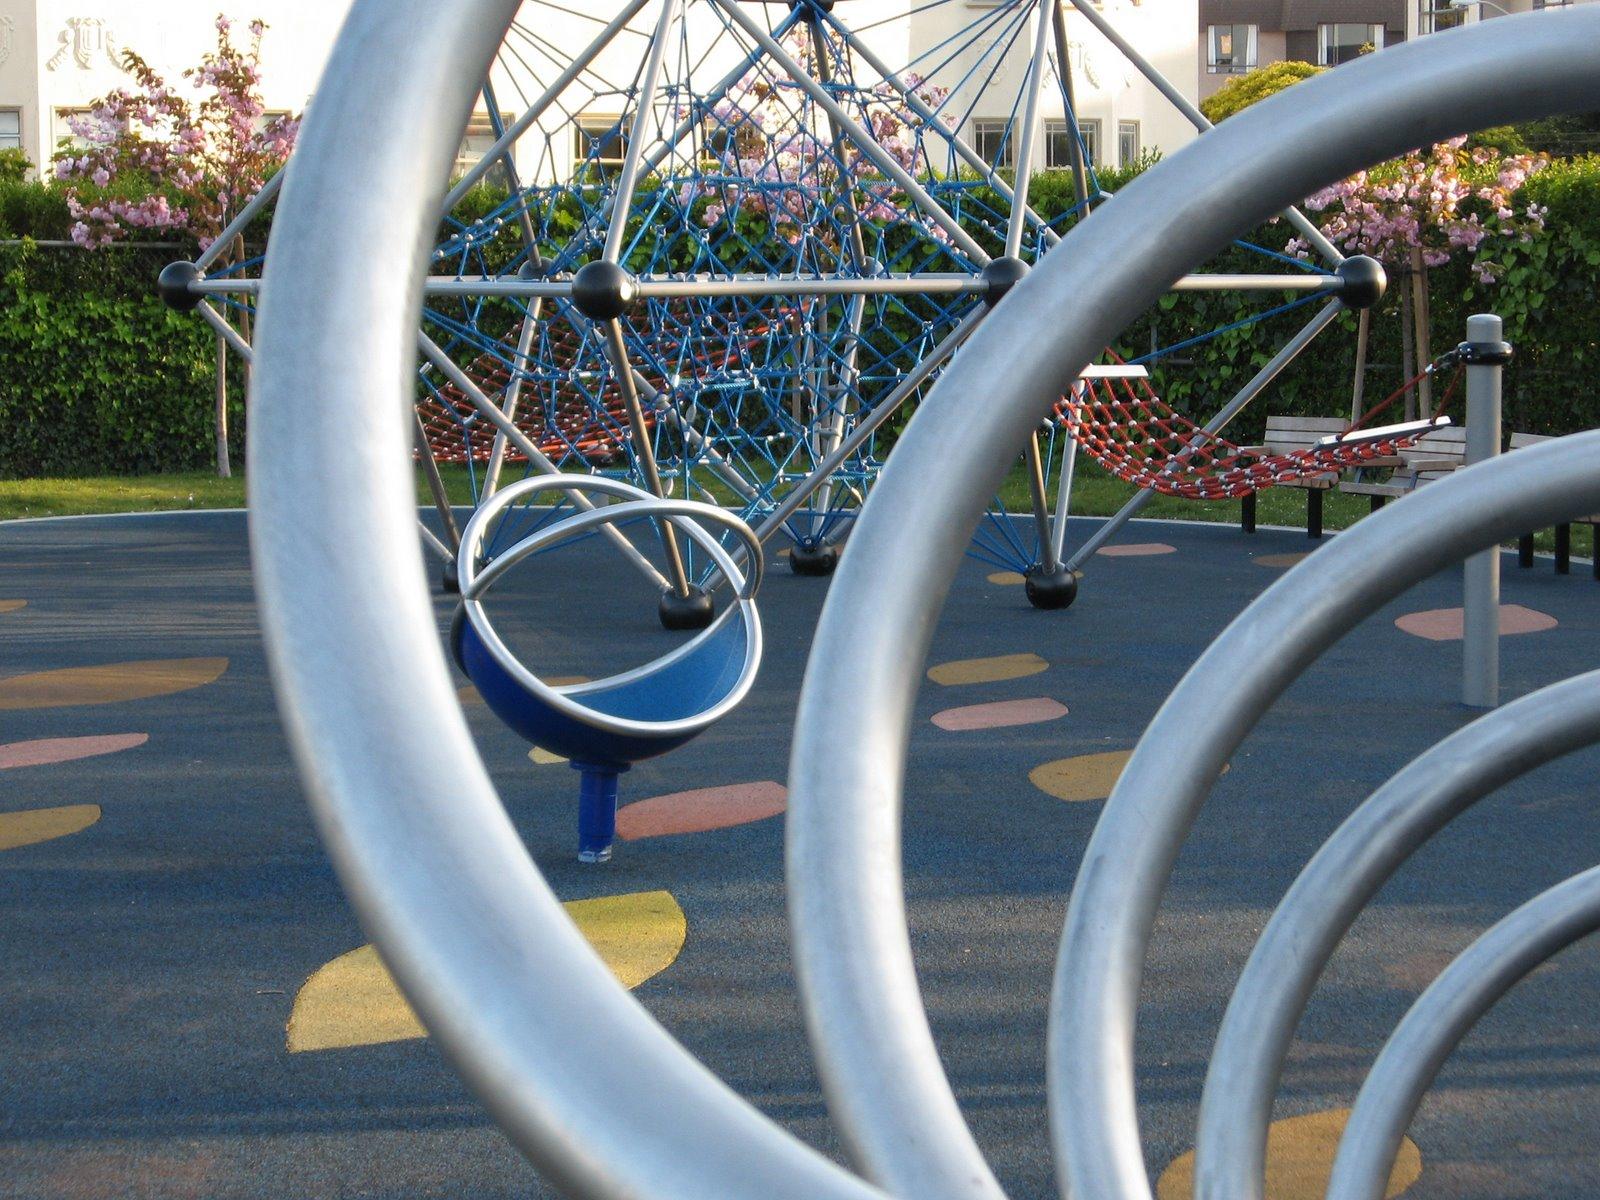 [playground]